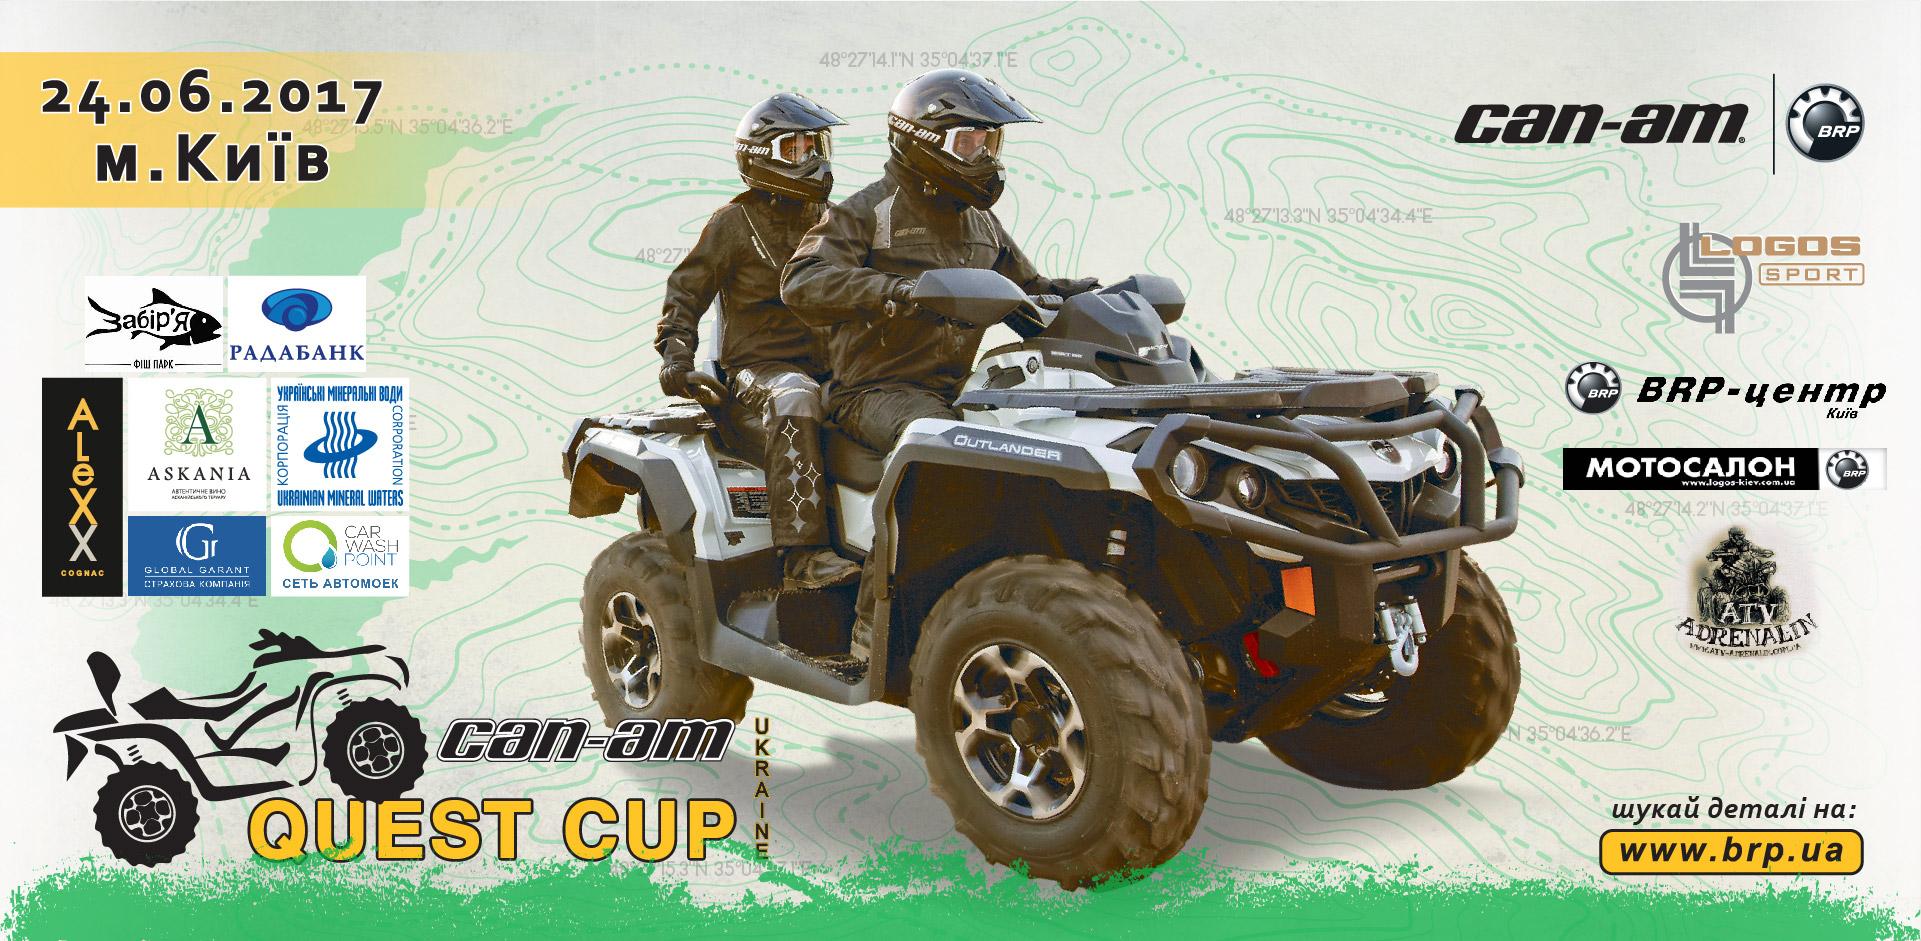 24/06. Третий  этап серии «CAN-AM QUEST CUP»! Киев.